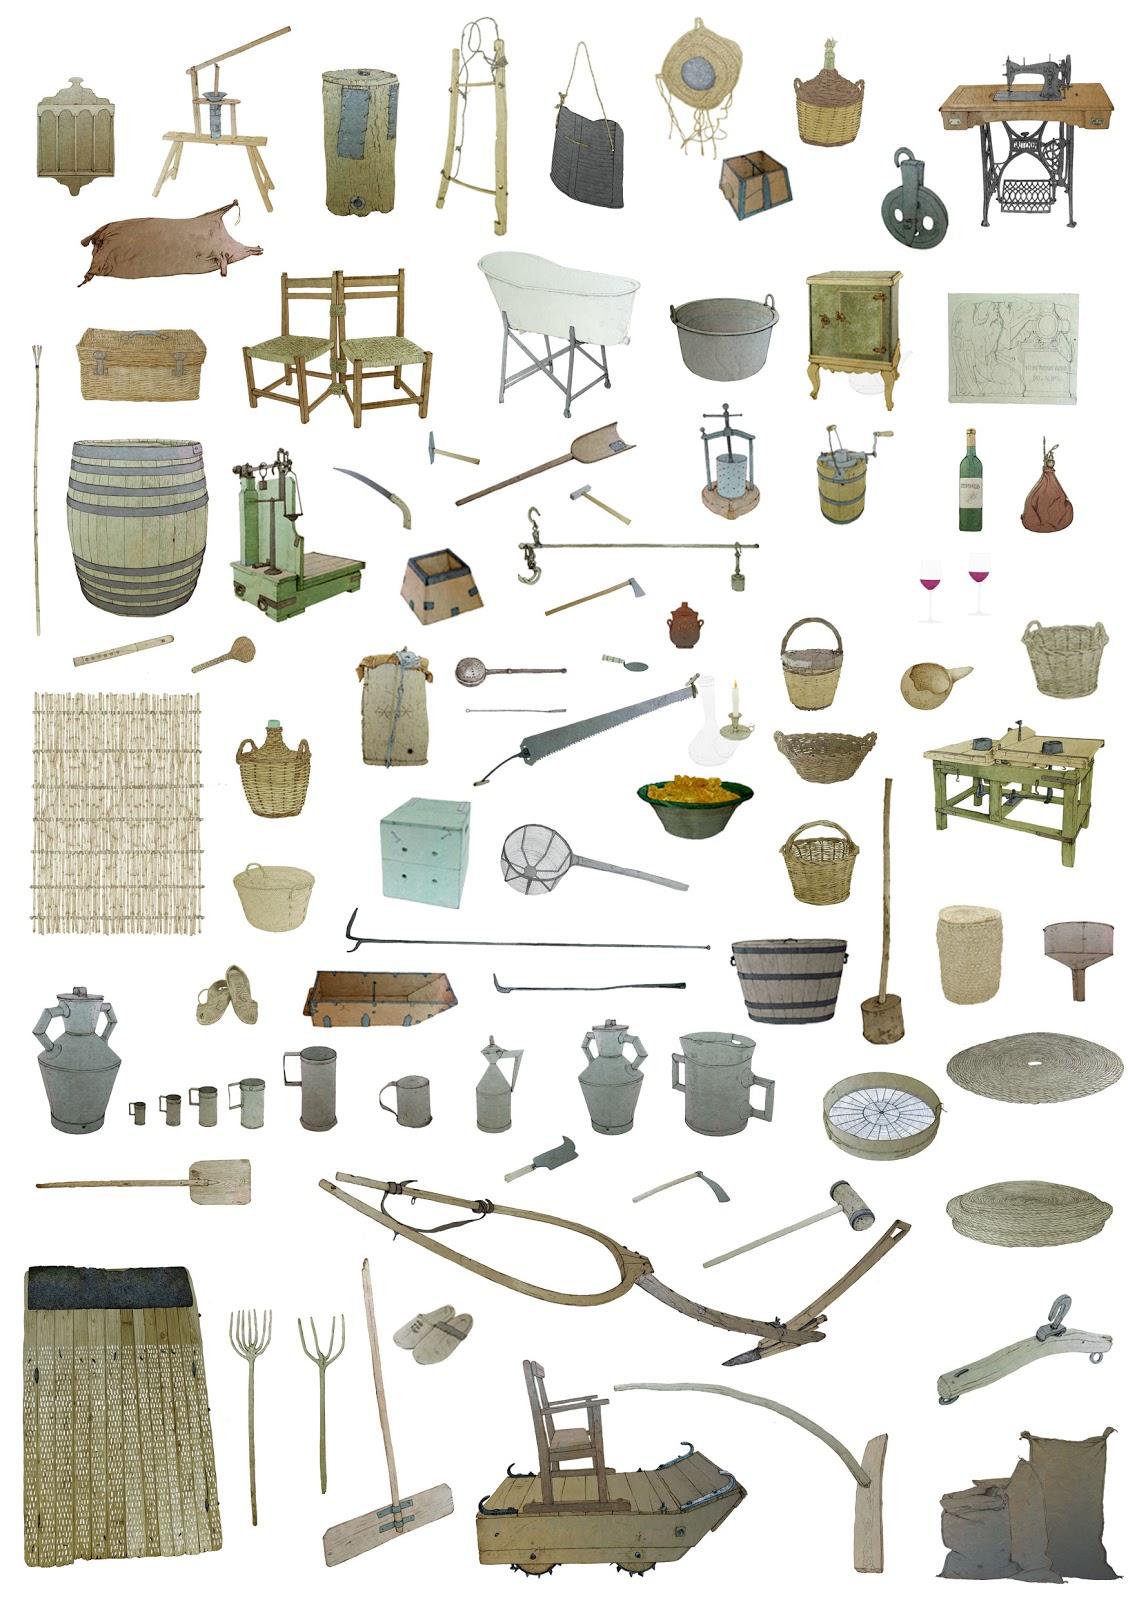 utiles, aperos, y artefactos, cultura popular , secano